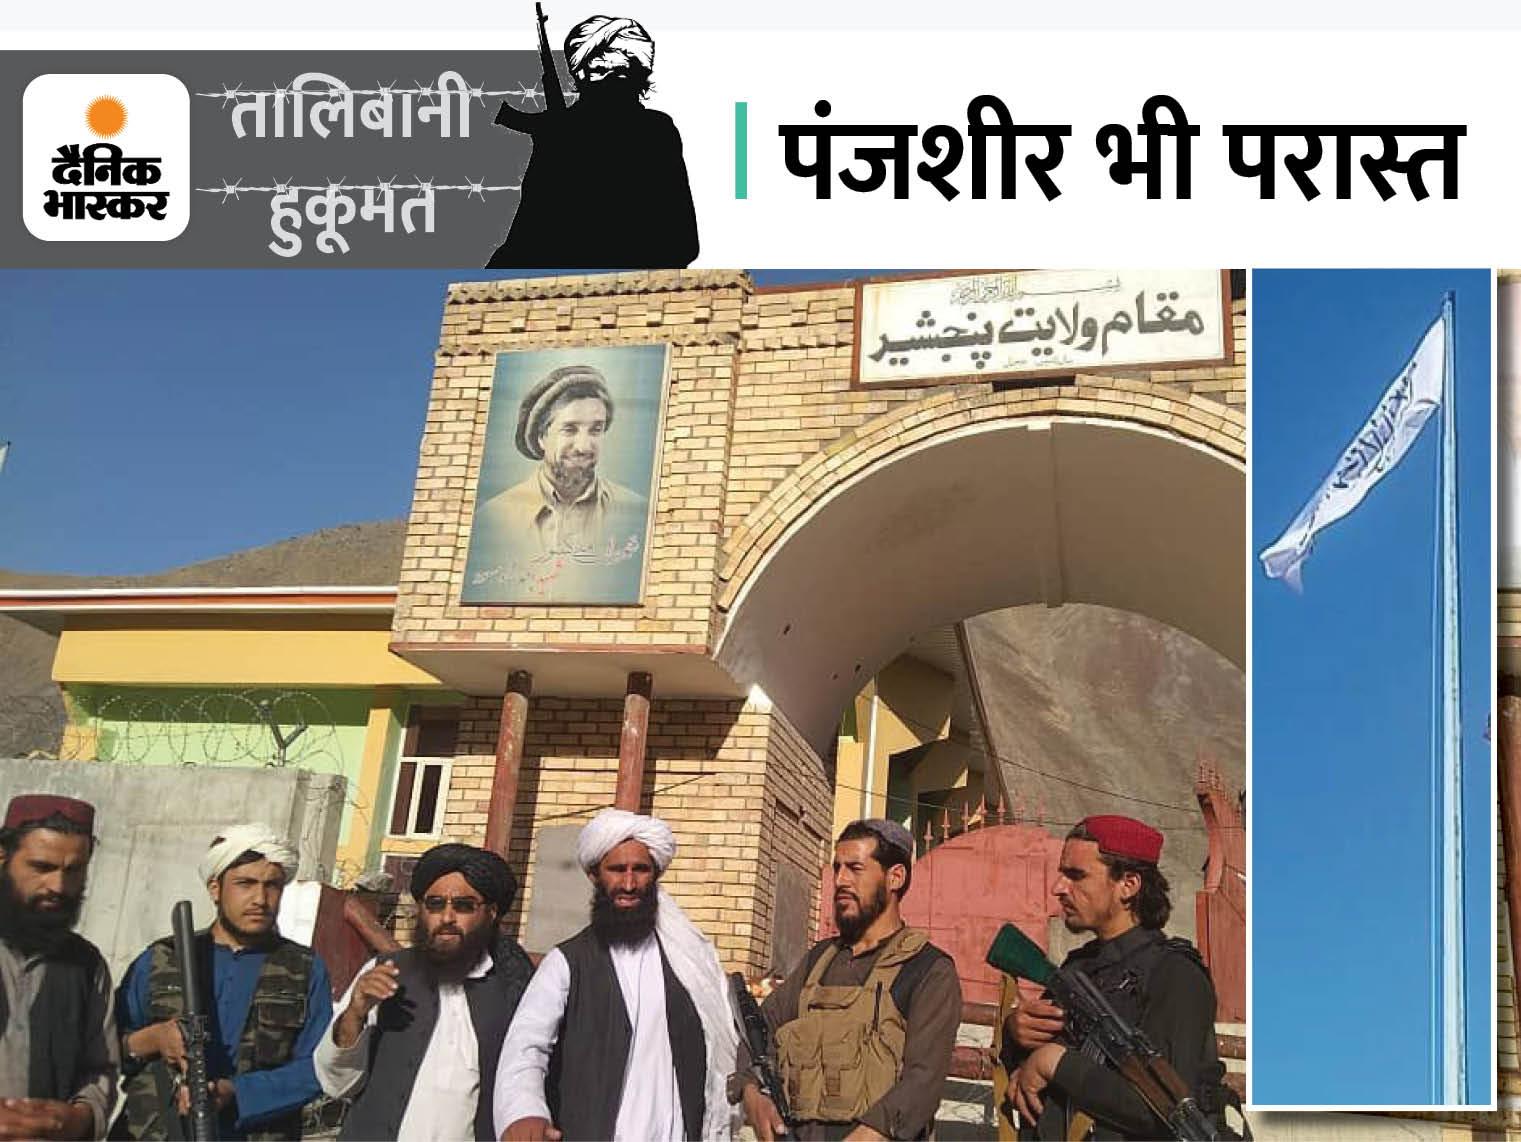 ढह गया पंजशीर का किला, अब पूरे अफगानिस्तान पर तालिबान का कब्जा; रेजिस्टेंस फोर्स ने कहा- जंग जारी रहेगी|विदेश,International - Dainik Bhaskar